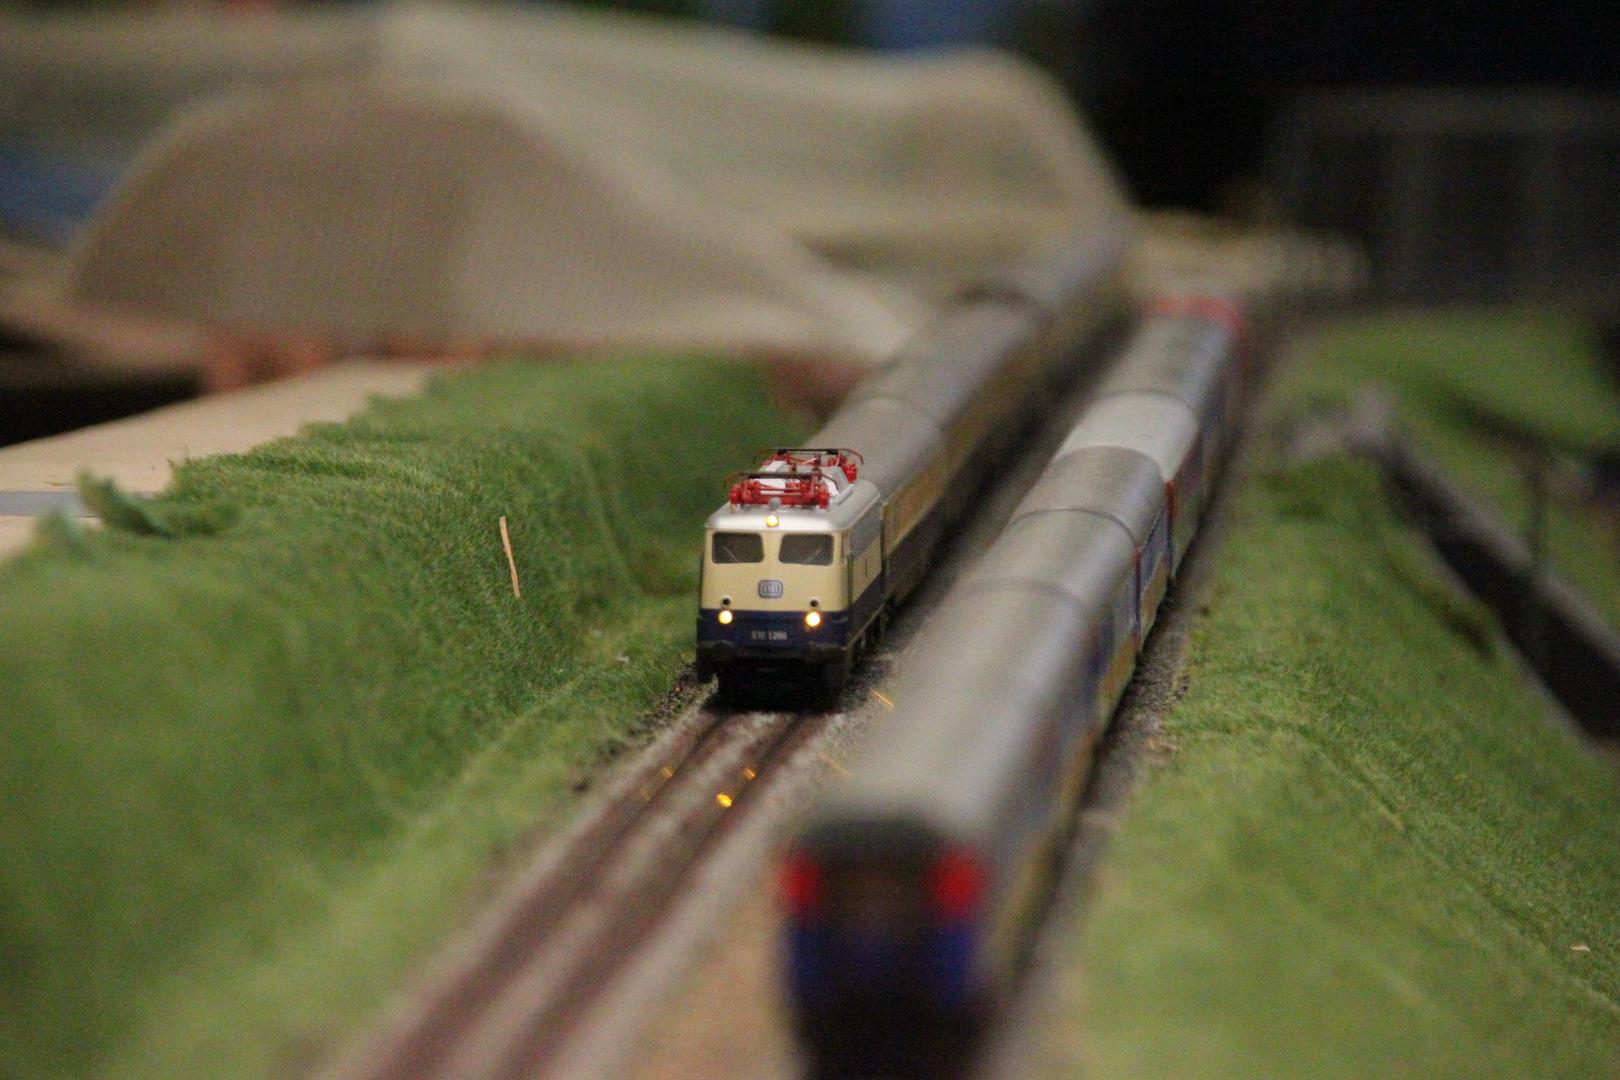 Bahn miniature